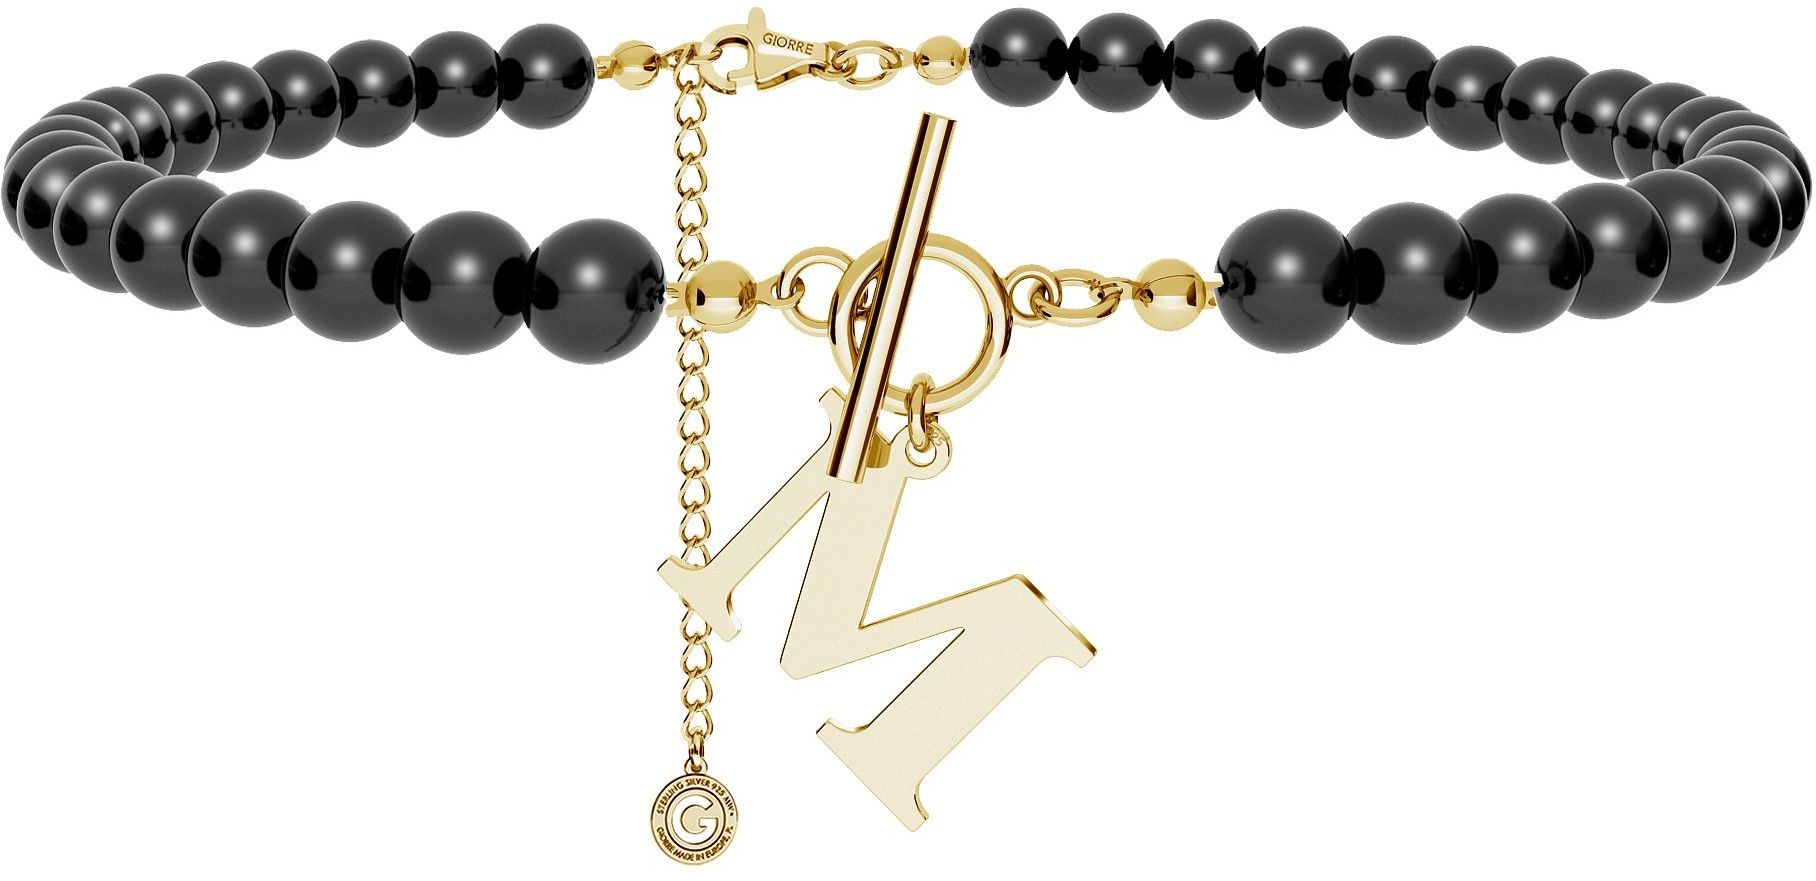 Czarny perłowy choker z dowolną literą, Swarovski, srebro 925 : Litera - W, Srebro - kolor pokrycia - Pokrycie platyną